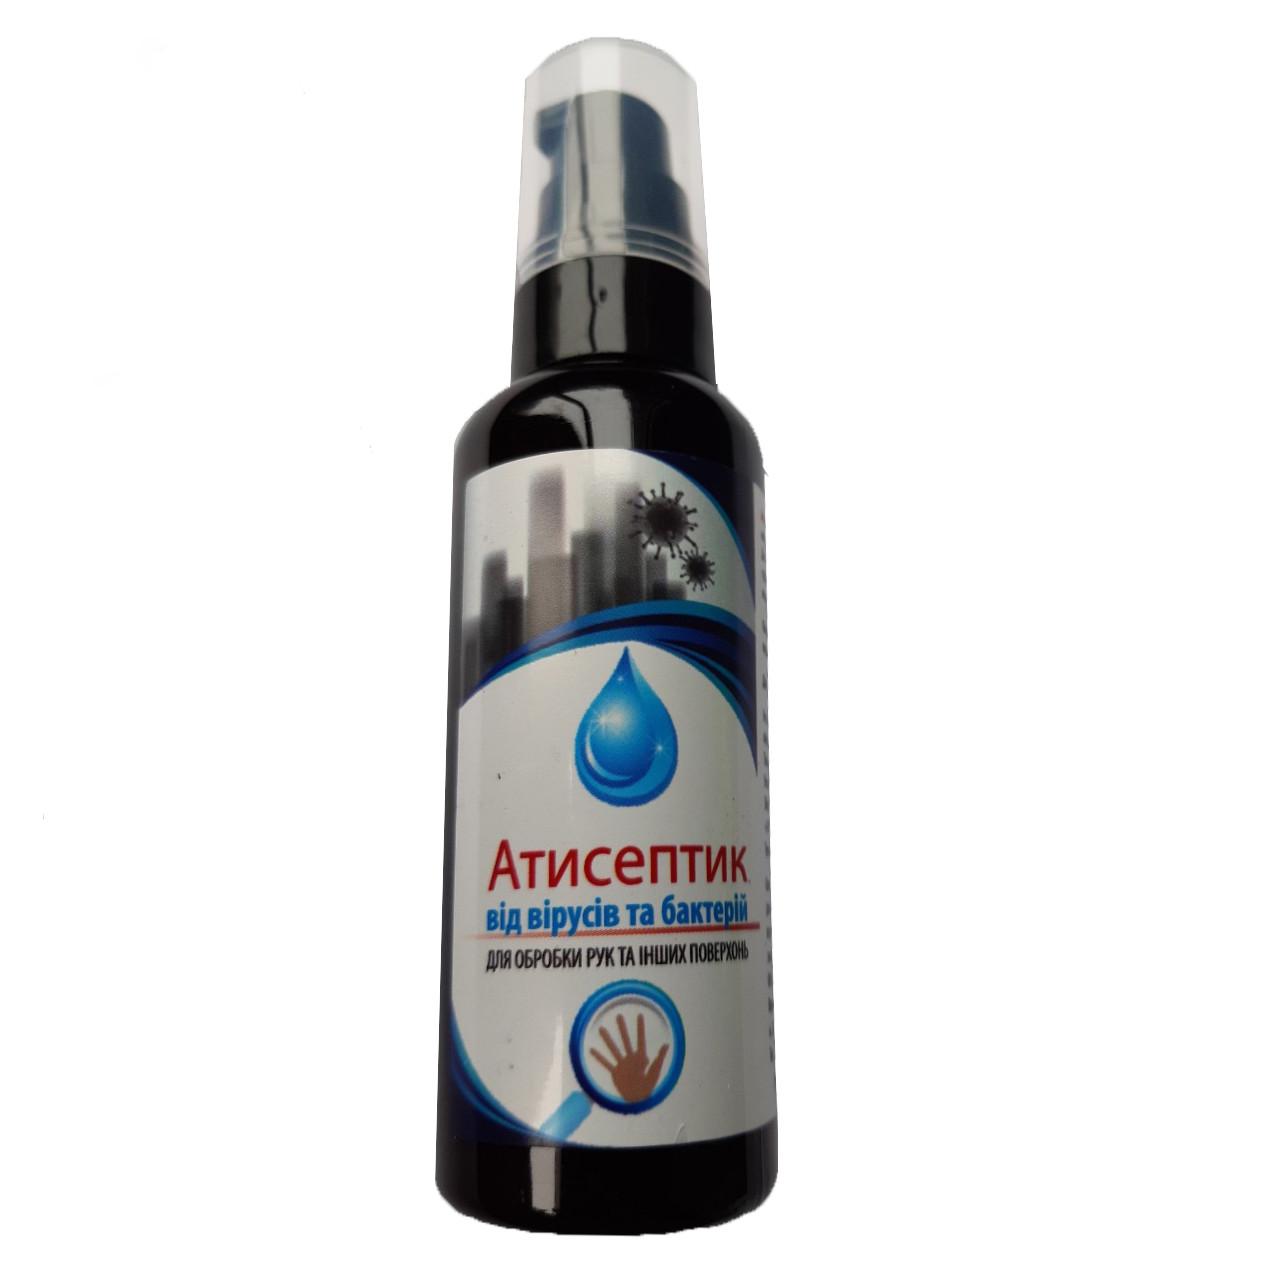 Спиртовой антисептик для обработки рук и кожных покровов, дозатор 60мл, антибактериальное средство